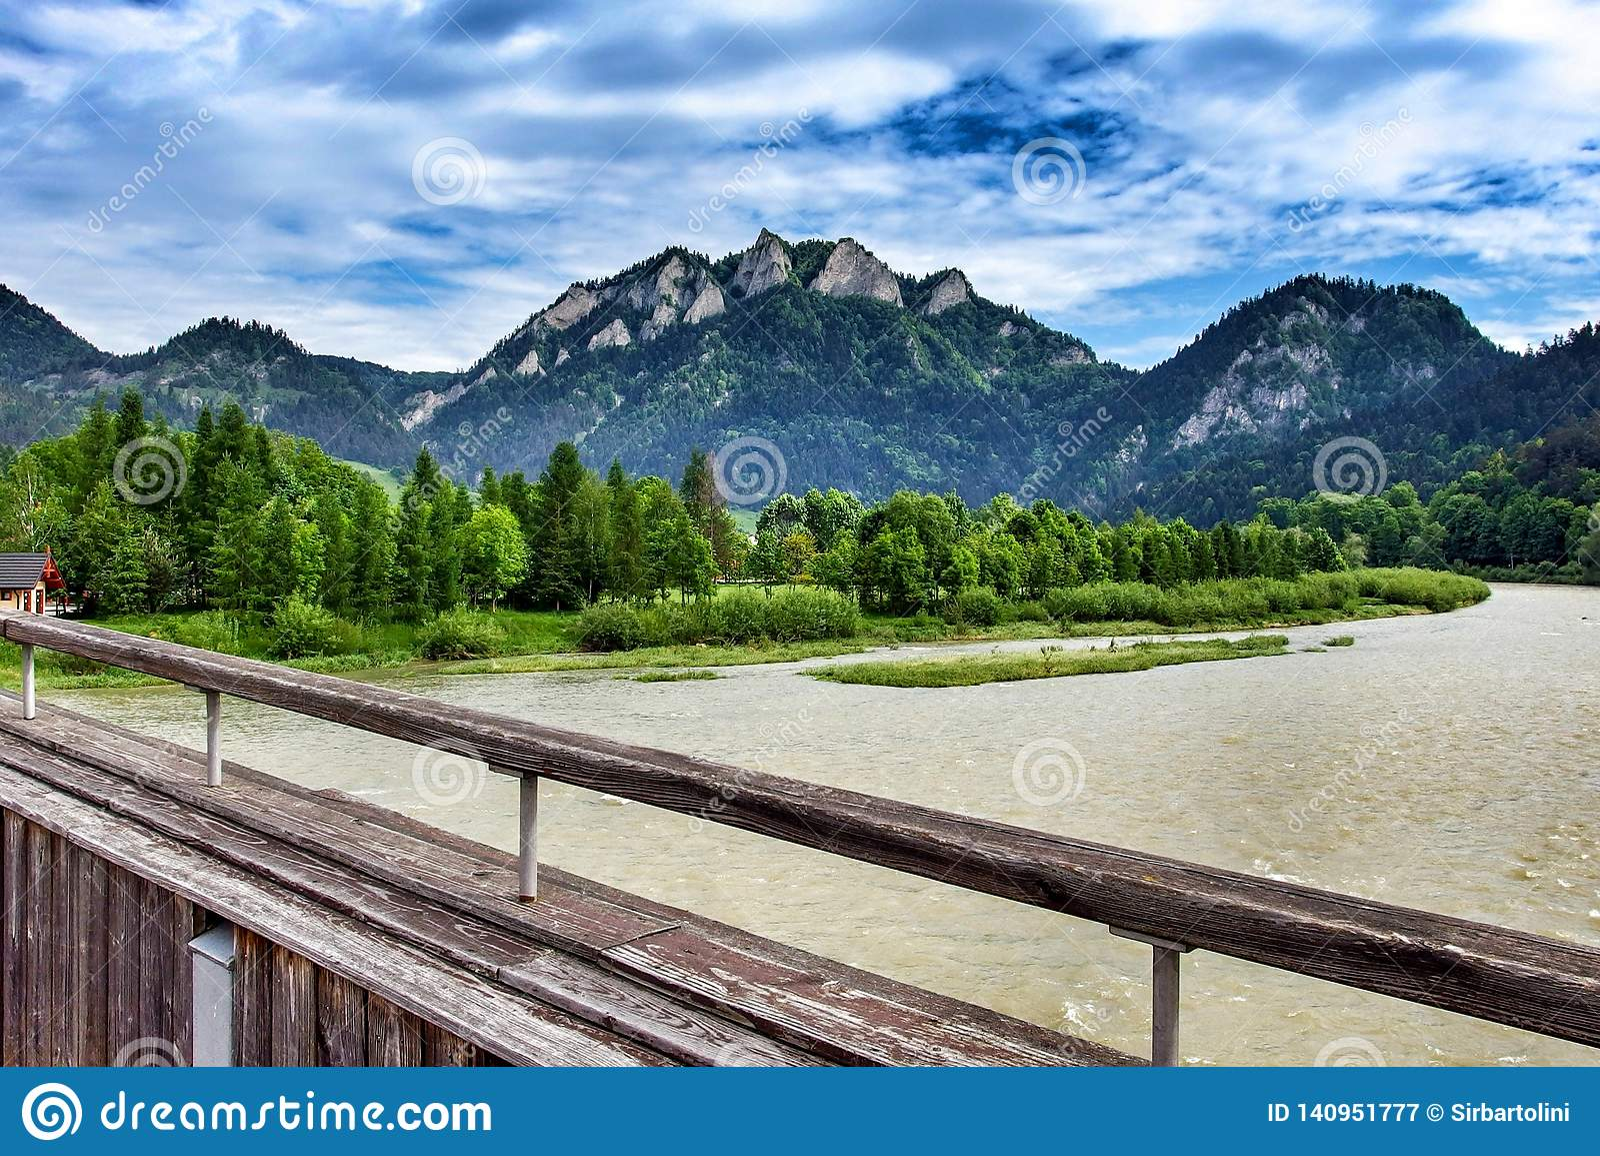 Trzy Korony peak over the river of Dunajec in Sromowce Niżne in Poland